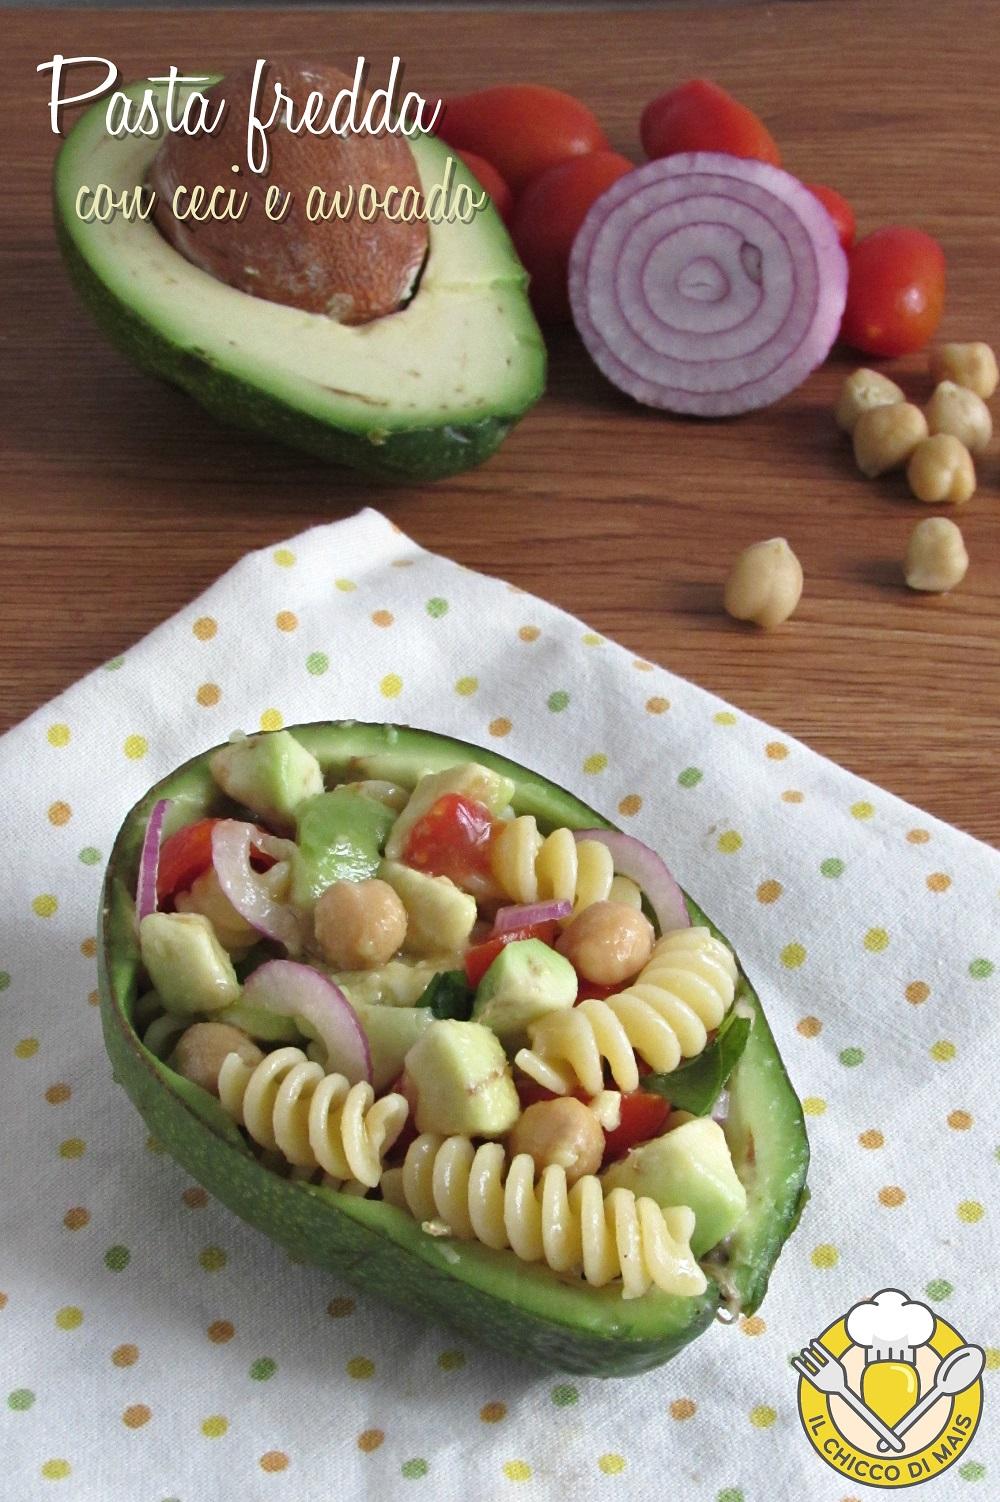 v_ pasta fredda con ceci e avocado ricetta light vegan e vegetariana il chicco di mais